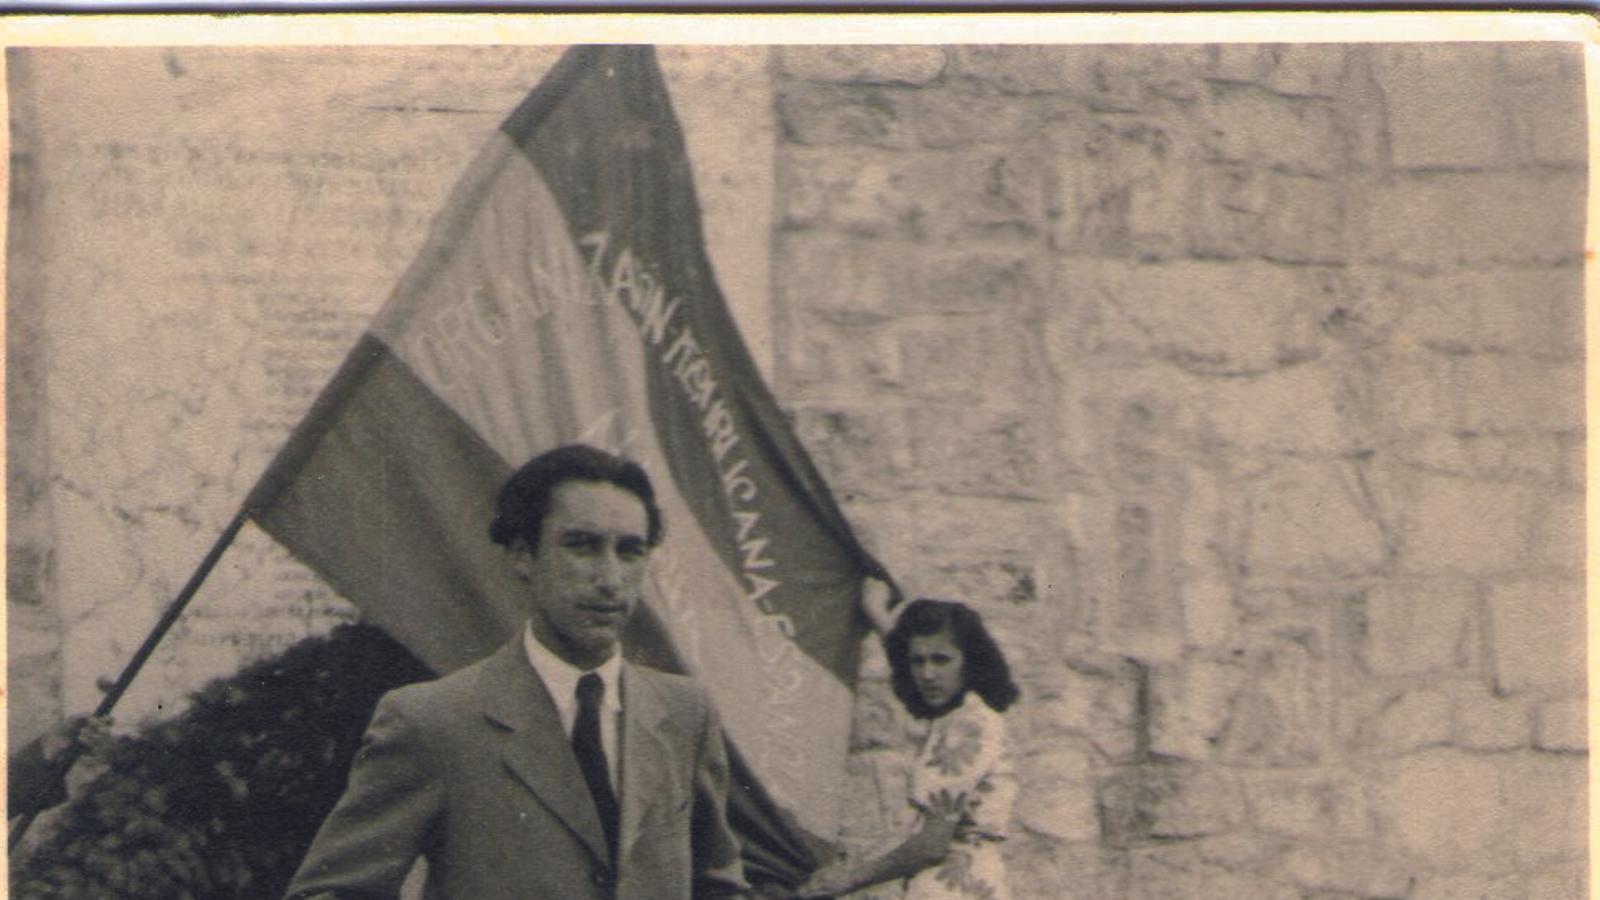 Orquín a Mauthausen, probablement el 1947, davant una bandera de l'Organització Republicana Espanyola d'Àustria / FAMÍLIA GRZONA-ORQUÍN